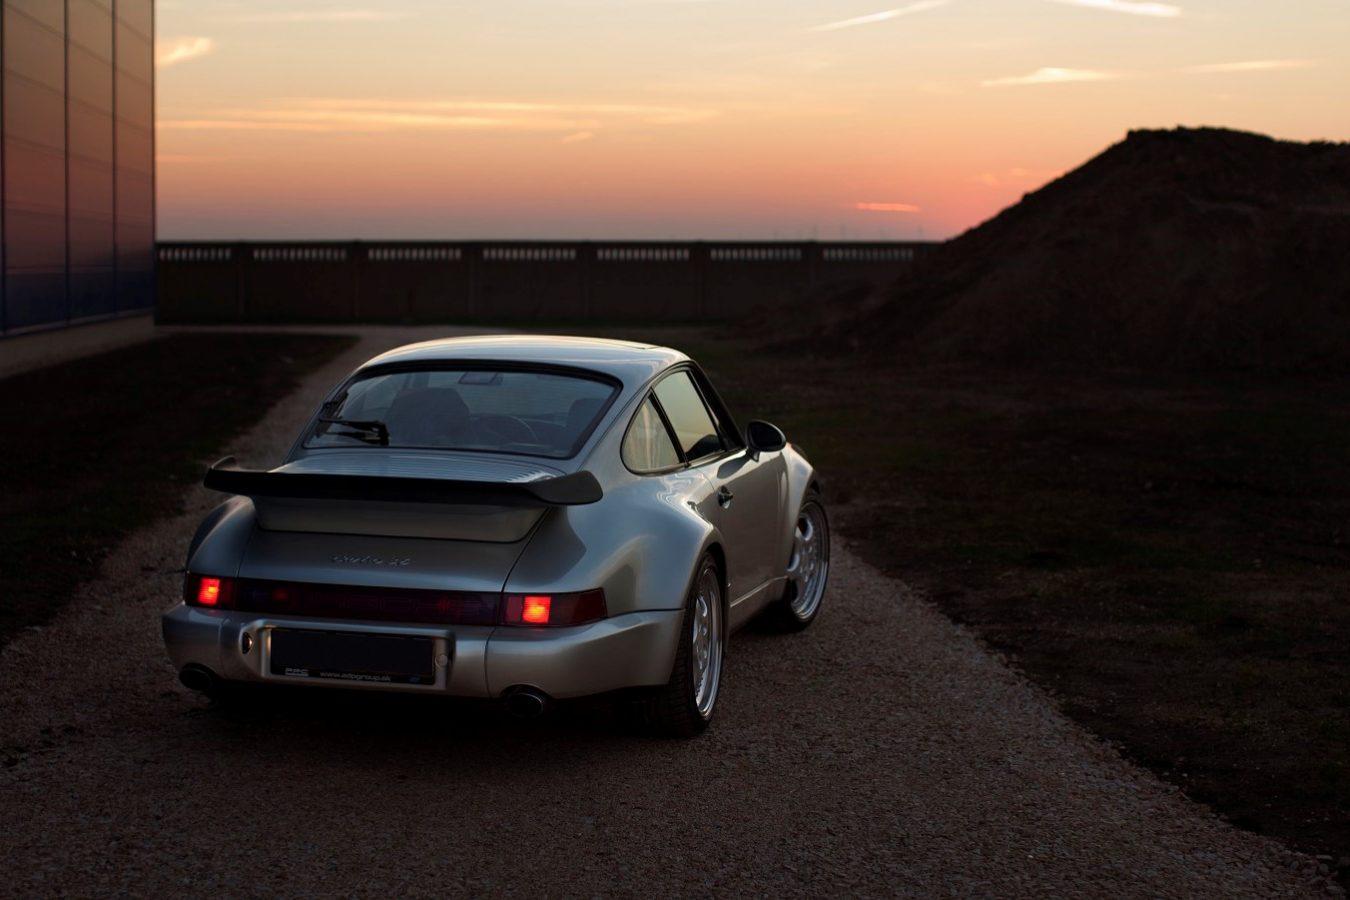 Porsche 964 3,6 Turbo in Silbergrau von hinten